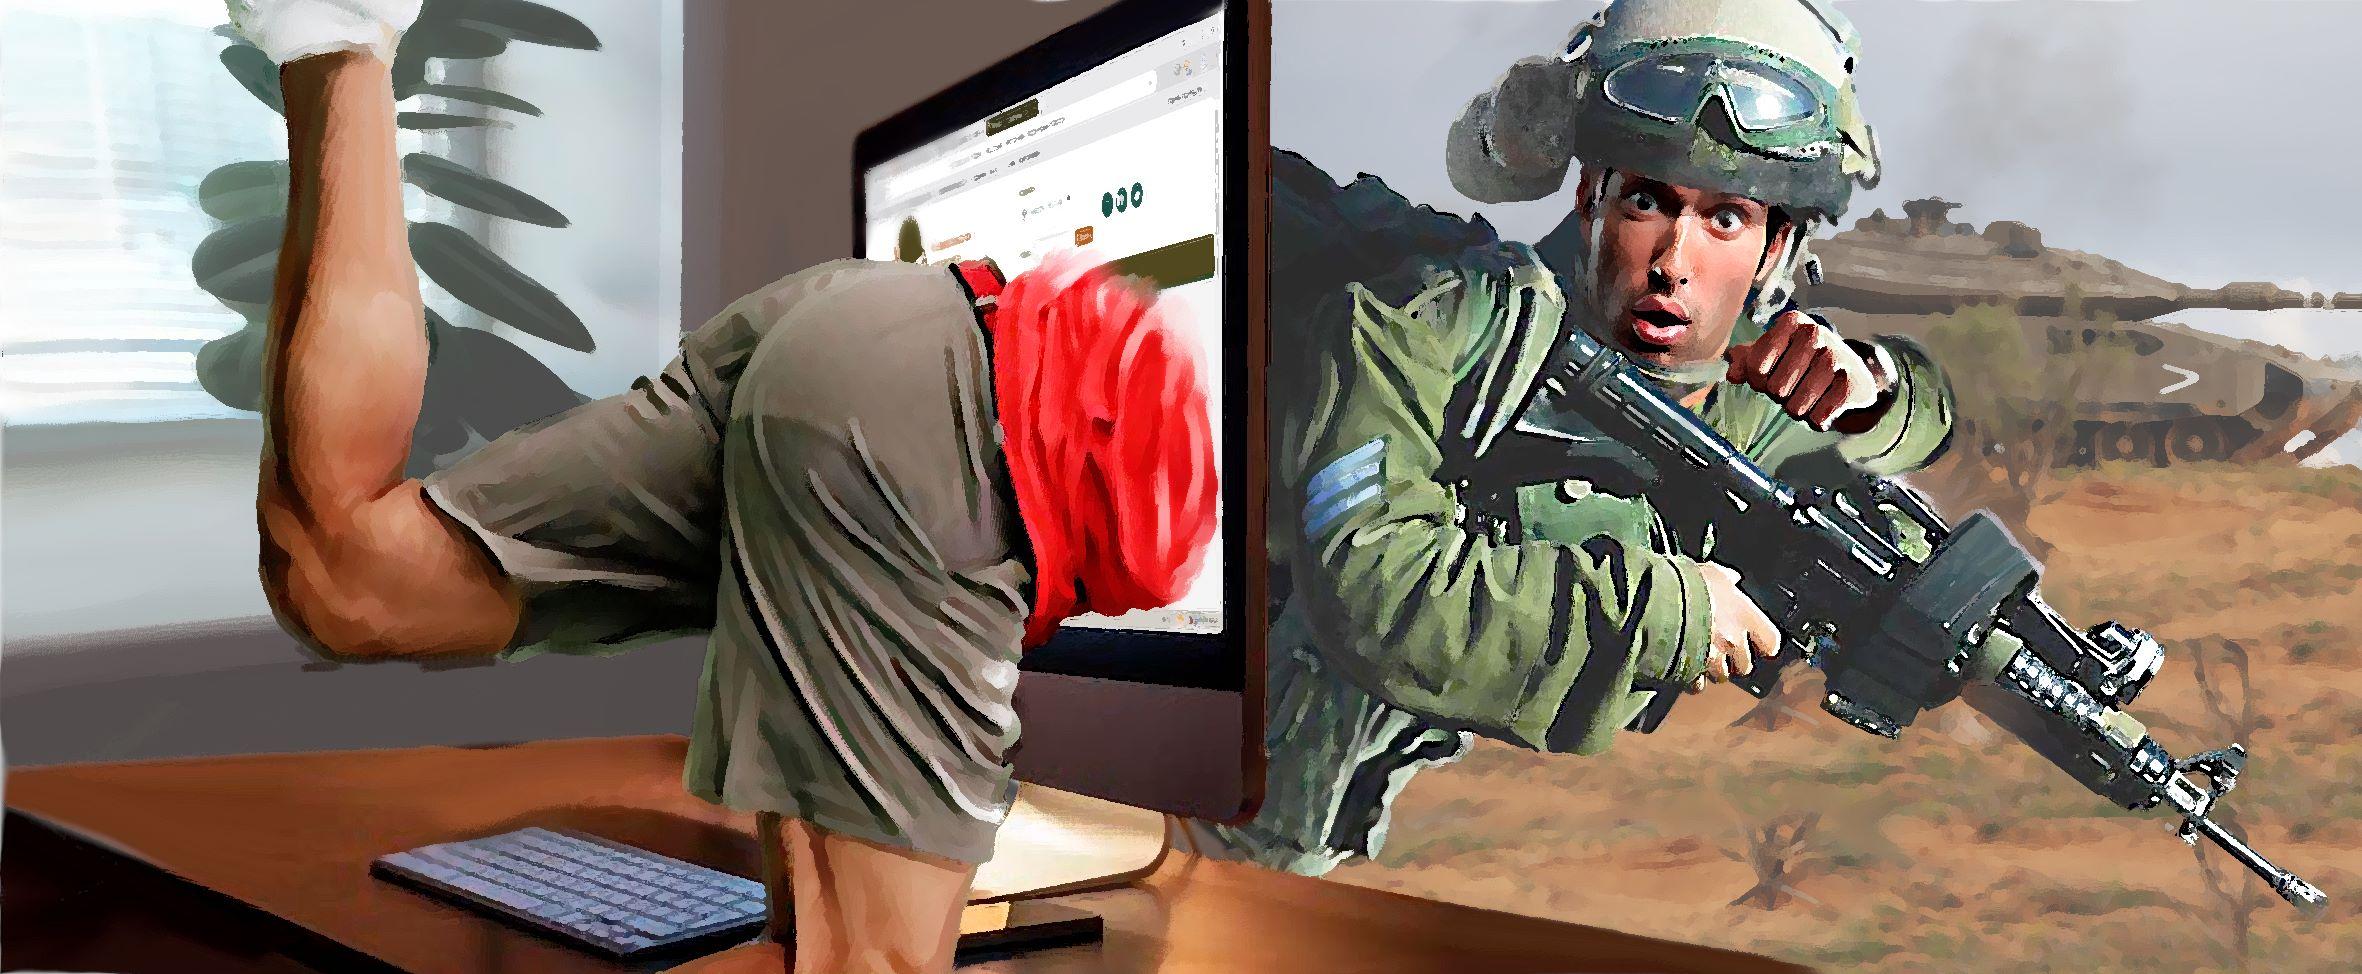 Армия и shopping: все для призывников и солдат в магазине Касда